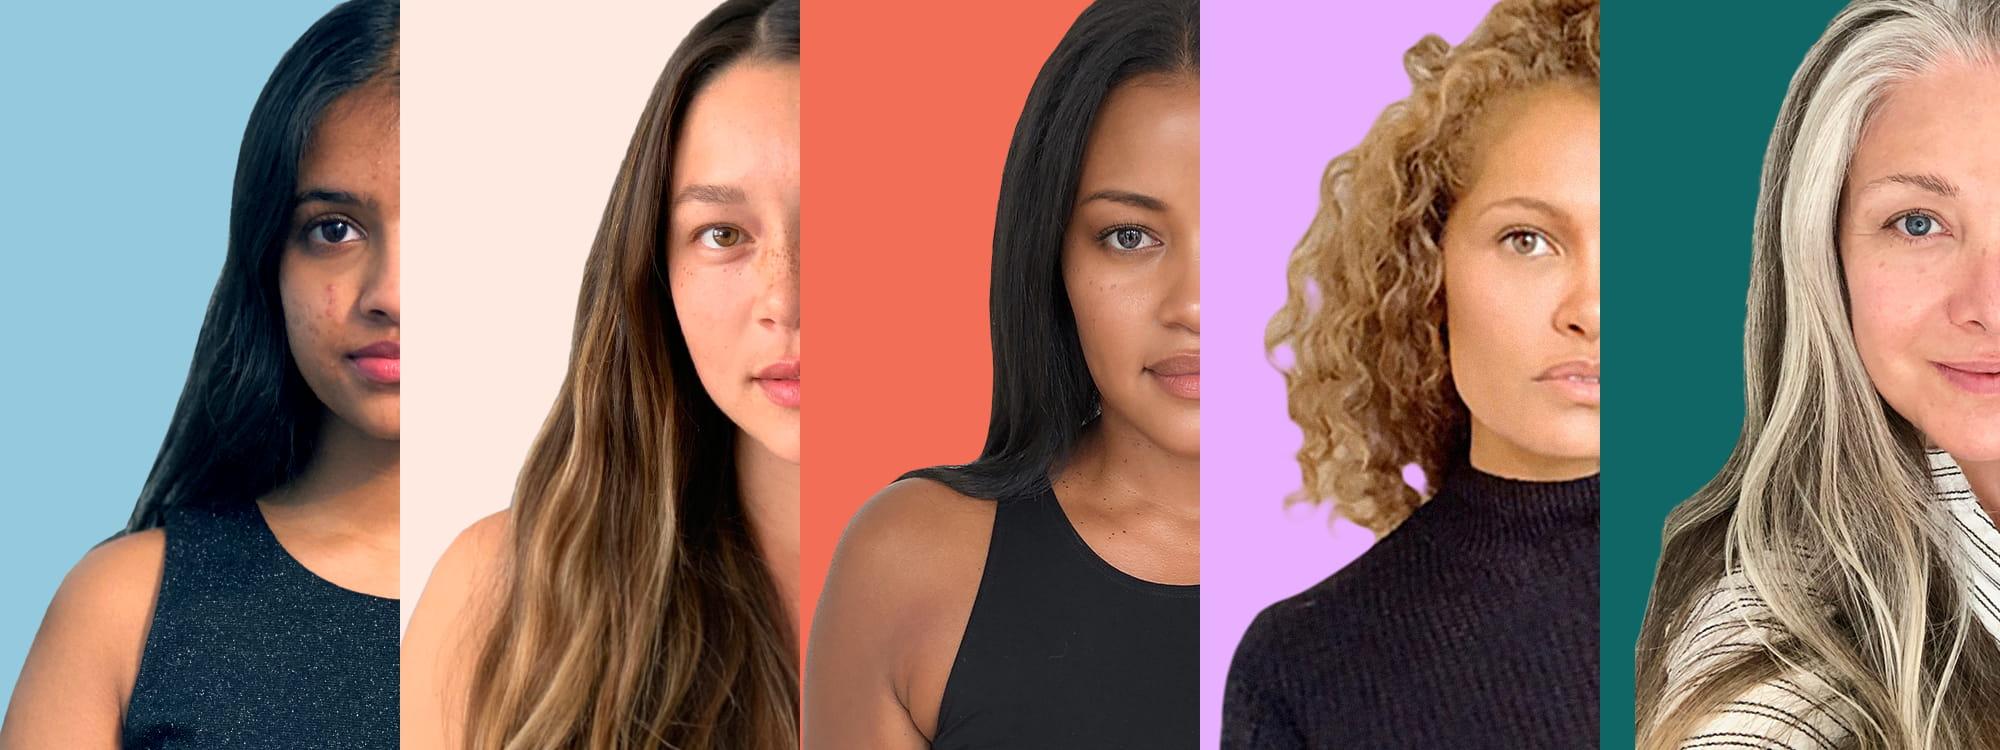 Image of five women